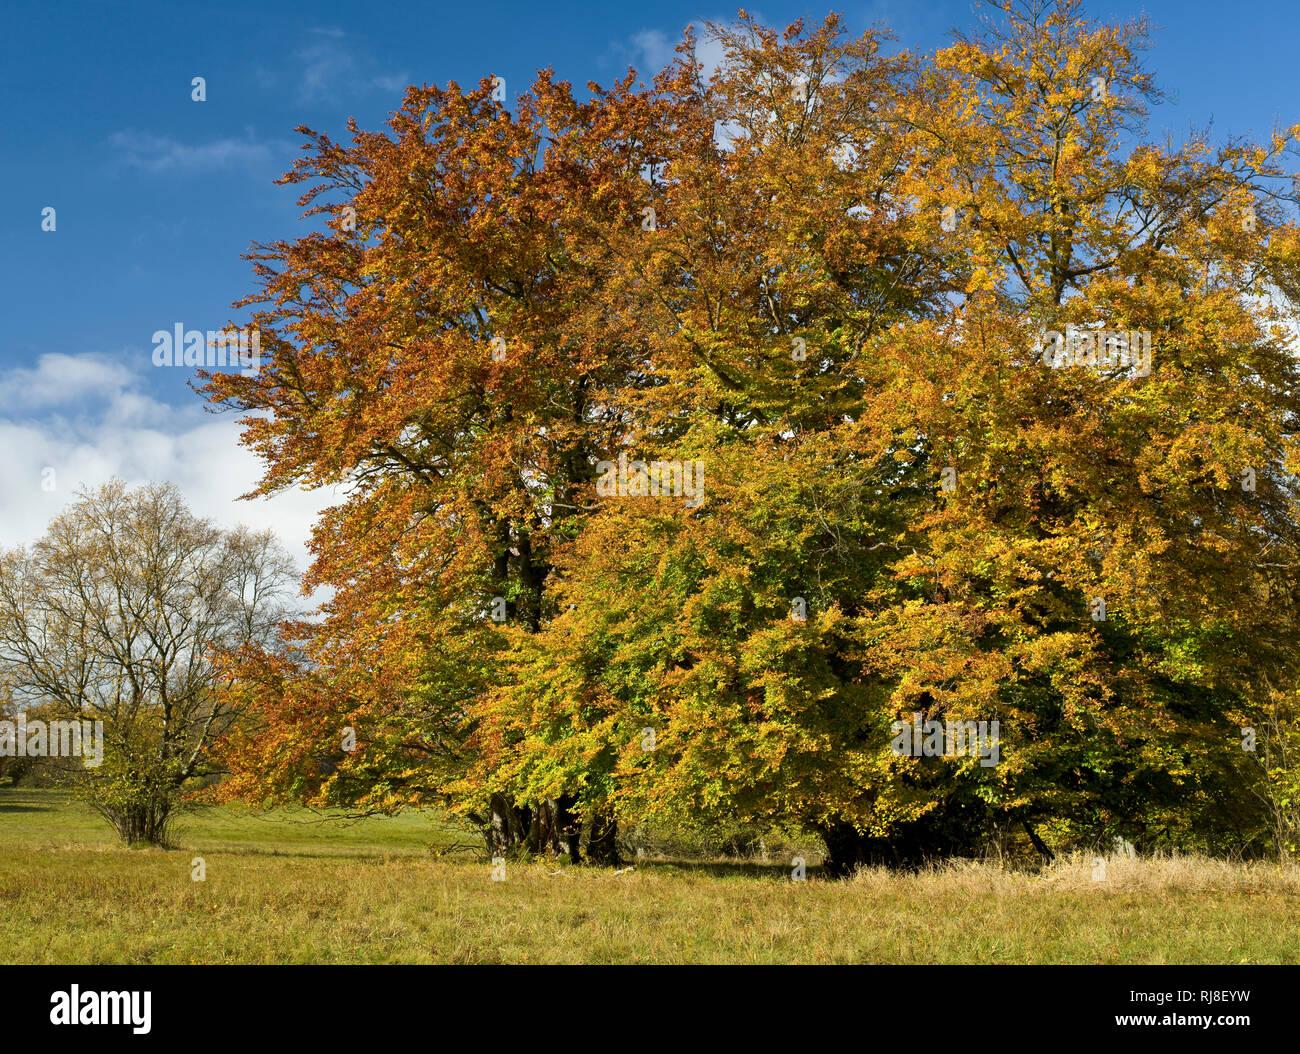 Deutschland, Bayern, Naturpark Bayrische Rhön, UNESCO-Biosphärenreservat, Naturschutzgebiet Lange Rhön, Buchen im Herbstlaub Stock Photo